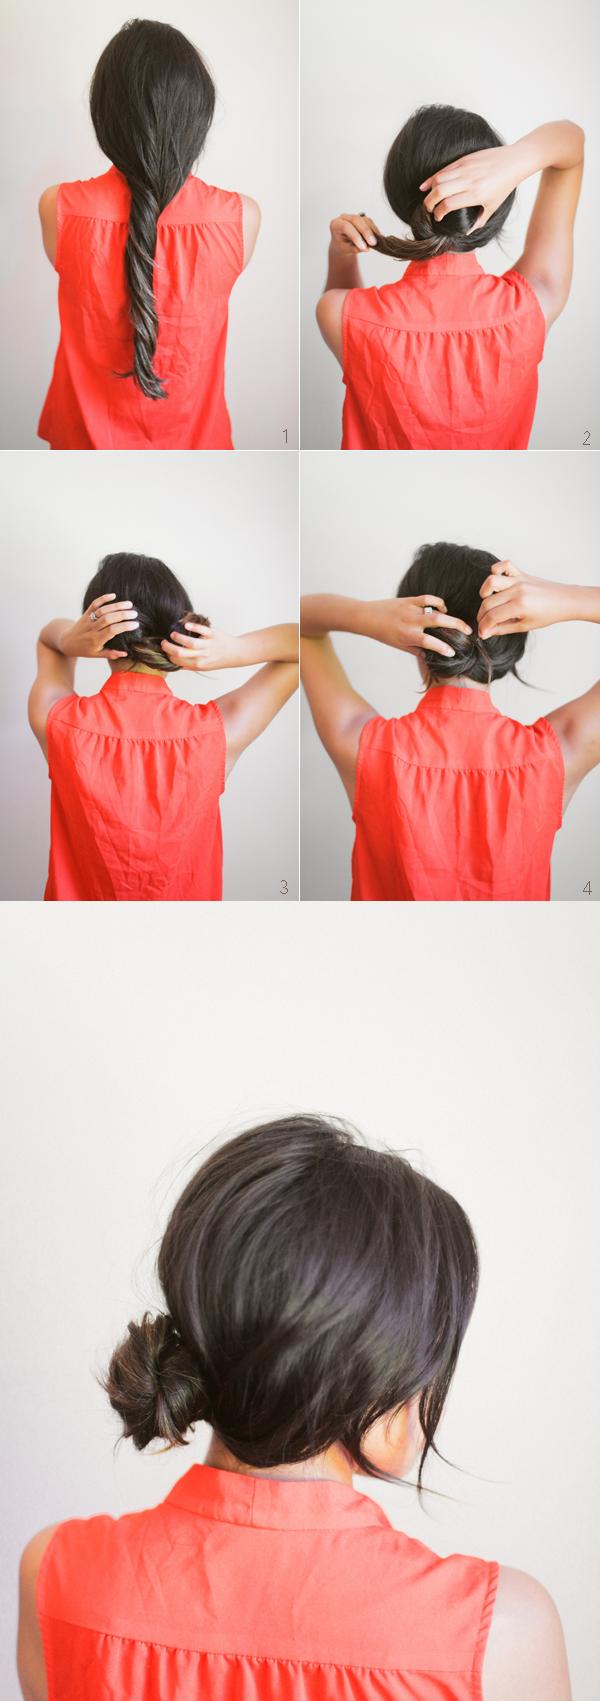 20 különböző percek alatt elkészíthető frizura, amit kipróbálhatsz a hétvégén - képek